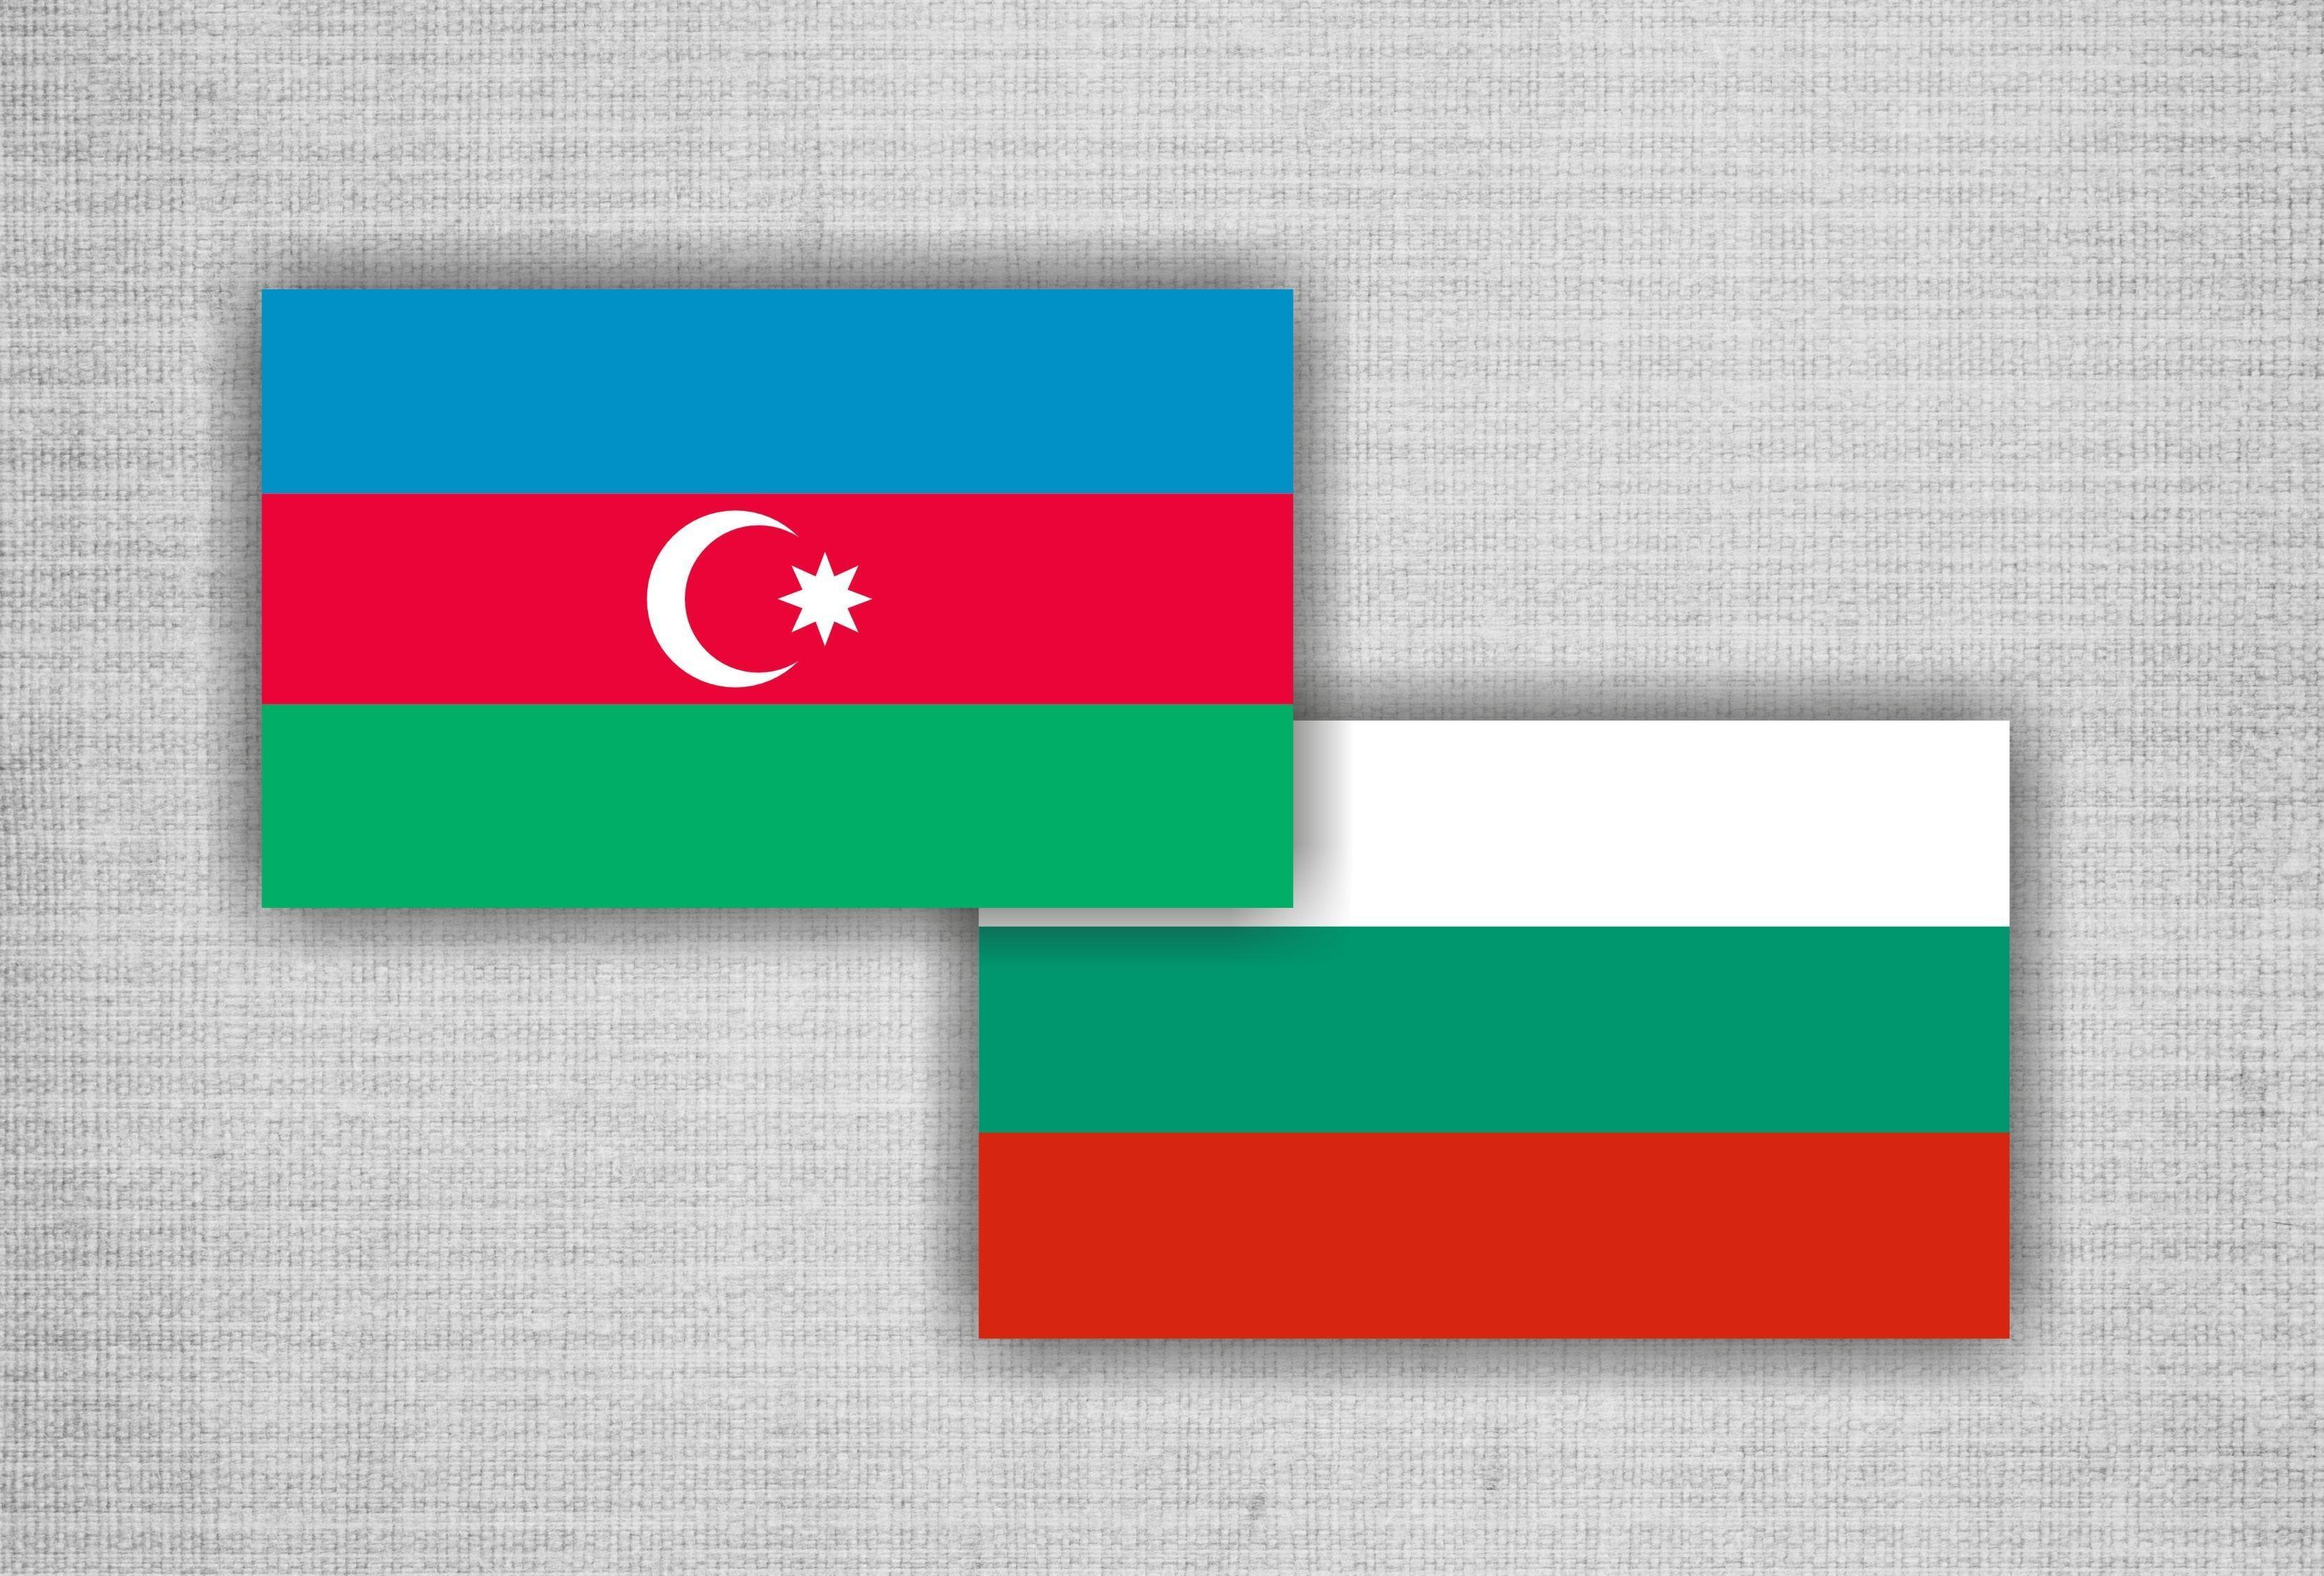 Azərbaycan və Bolqarıstan birlikdə zirehli gödəkcələr istehsal etməyi planlaşdırır